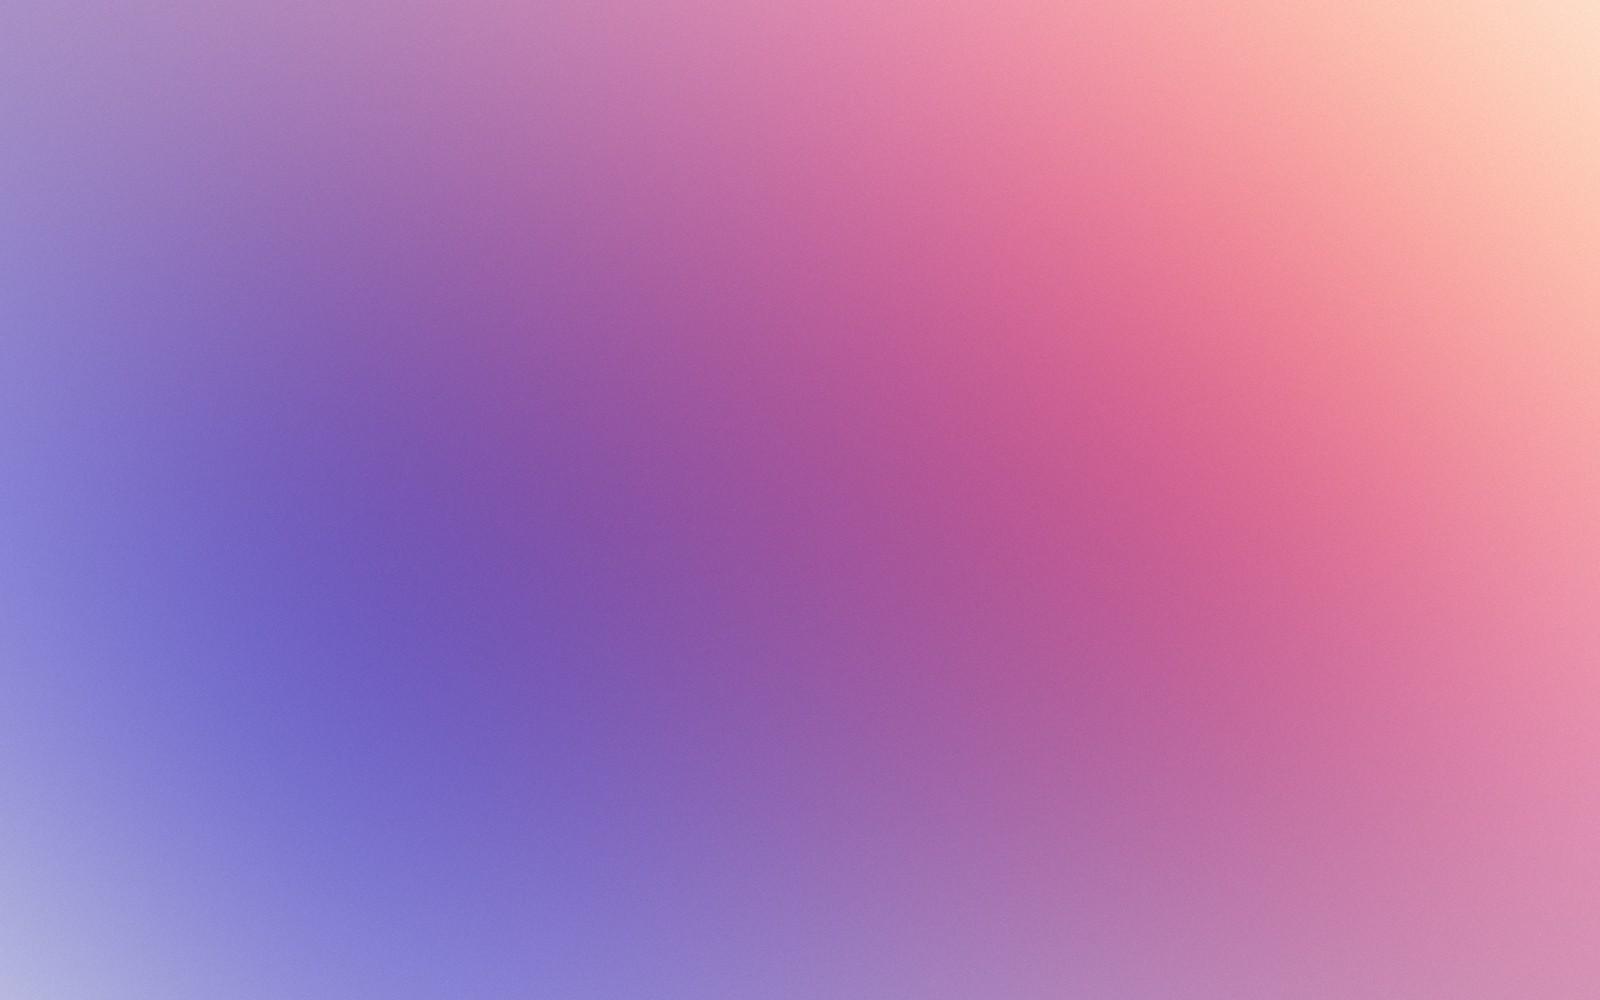 gradiente gris fondo de - photo #11